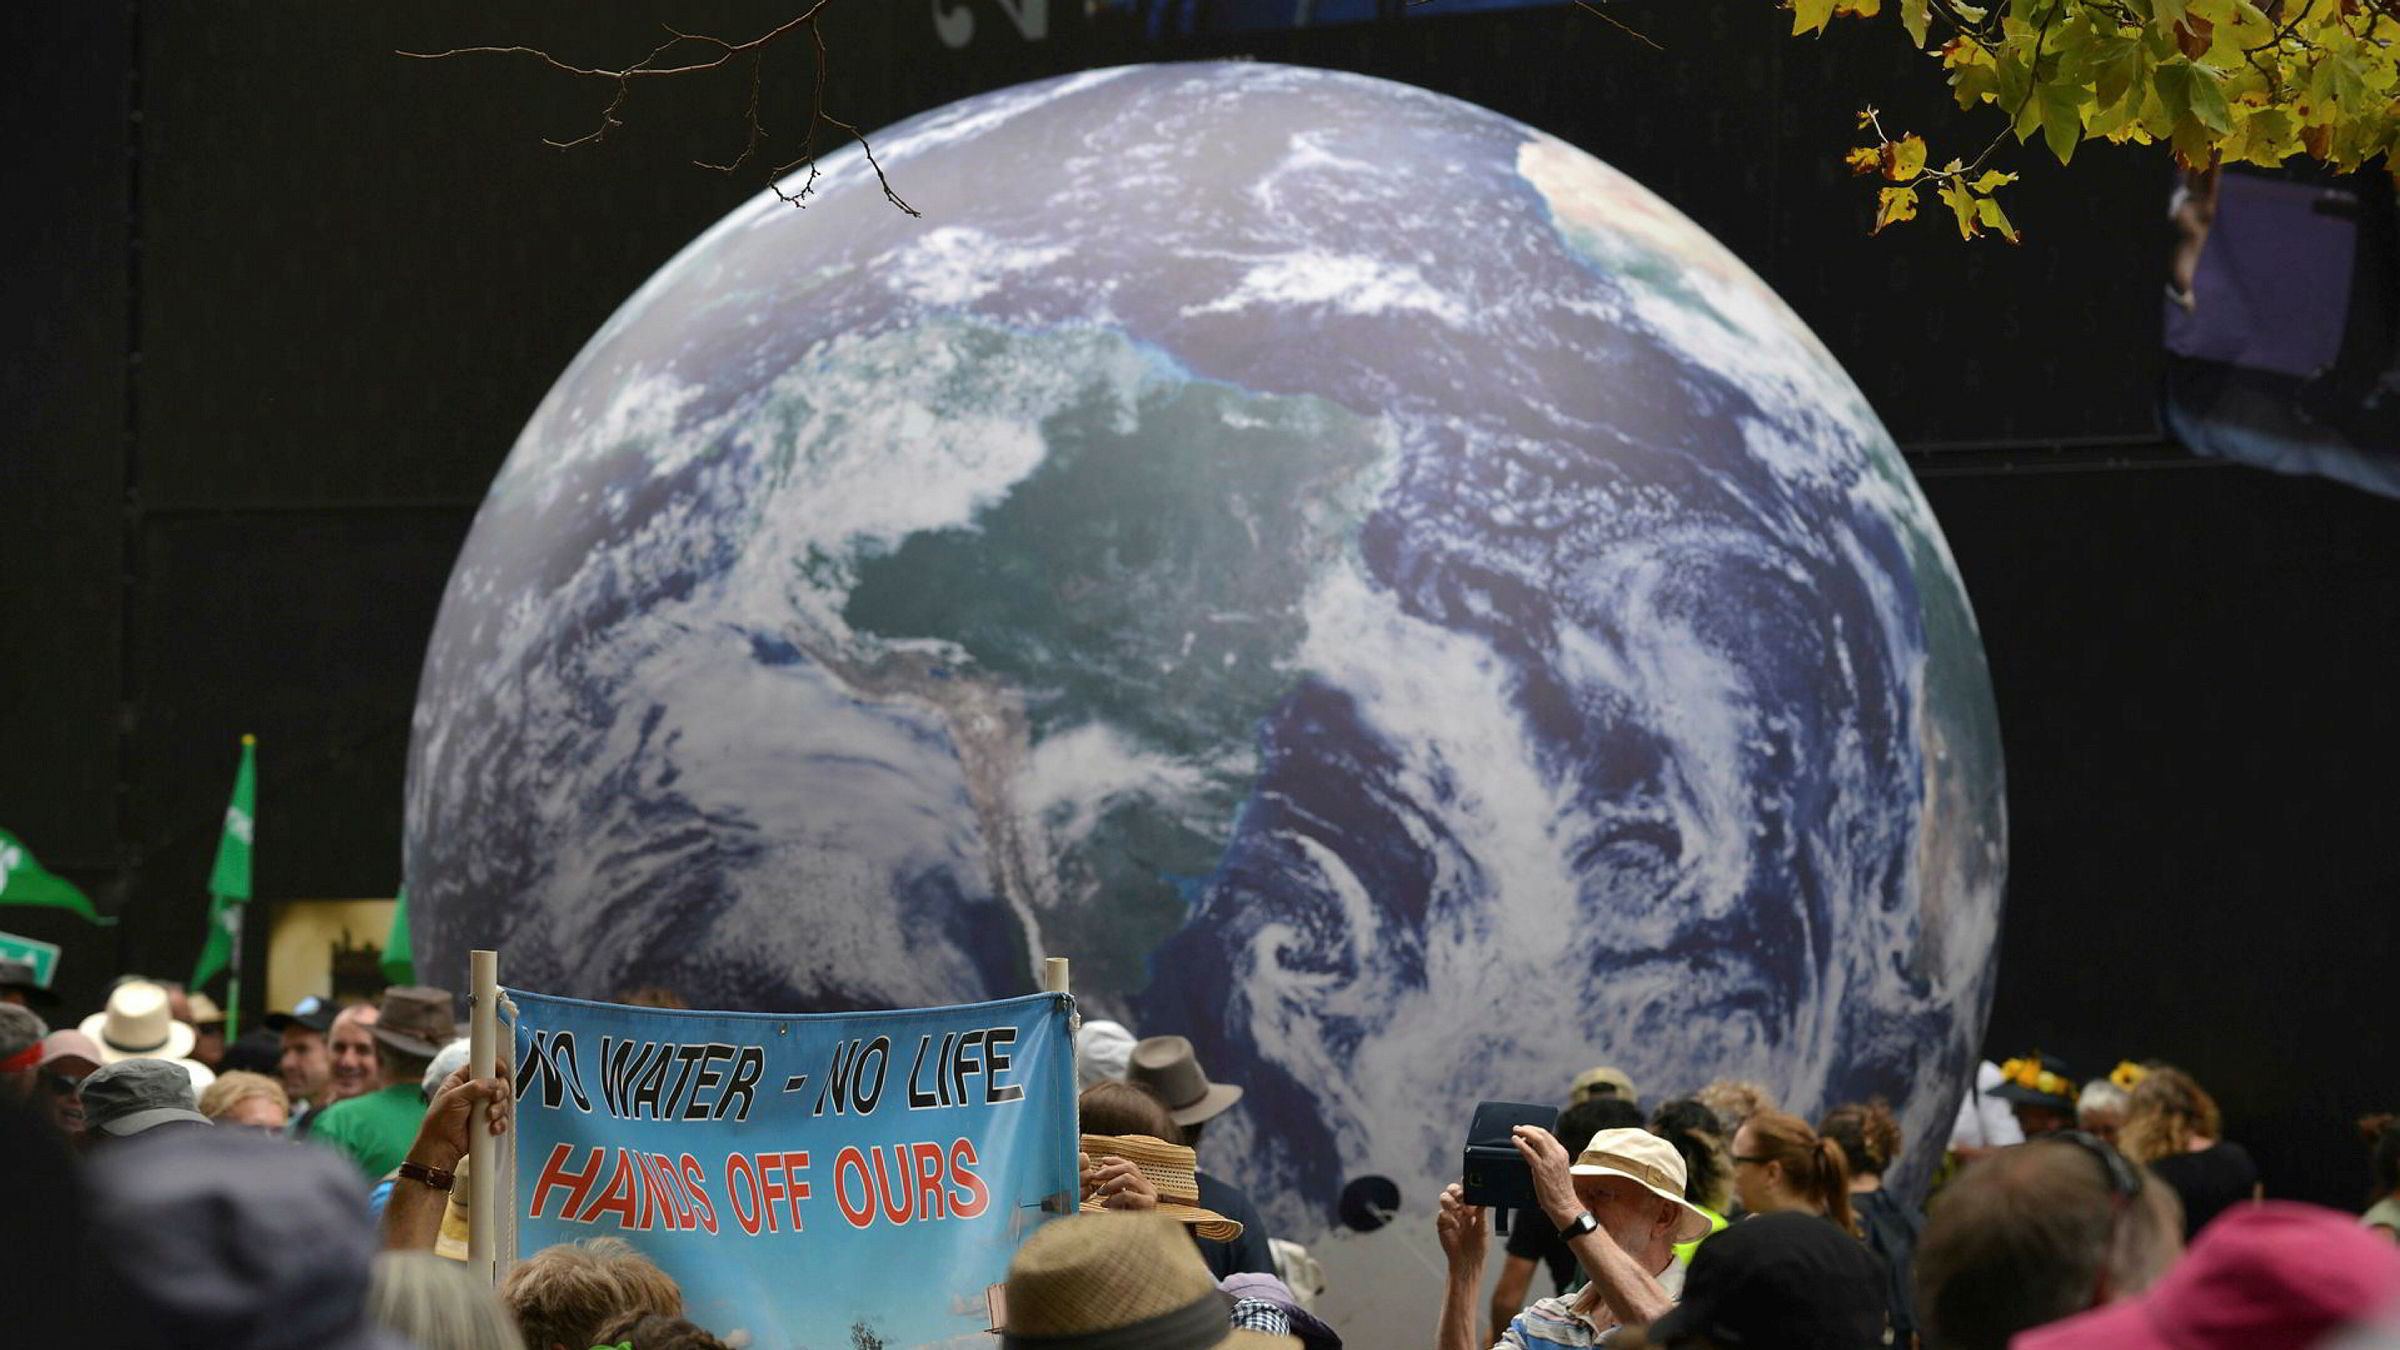 Forskere har for første gang forsøkt å beregne biomassen til alt liv på jorden. Bildet viser en stor ballong som jordkloden under en miljøsammenkomst i Sydney i Australia i vår.